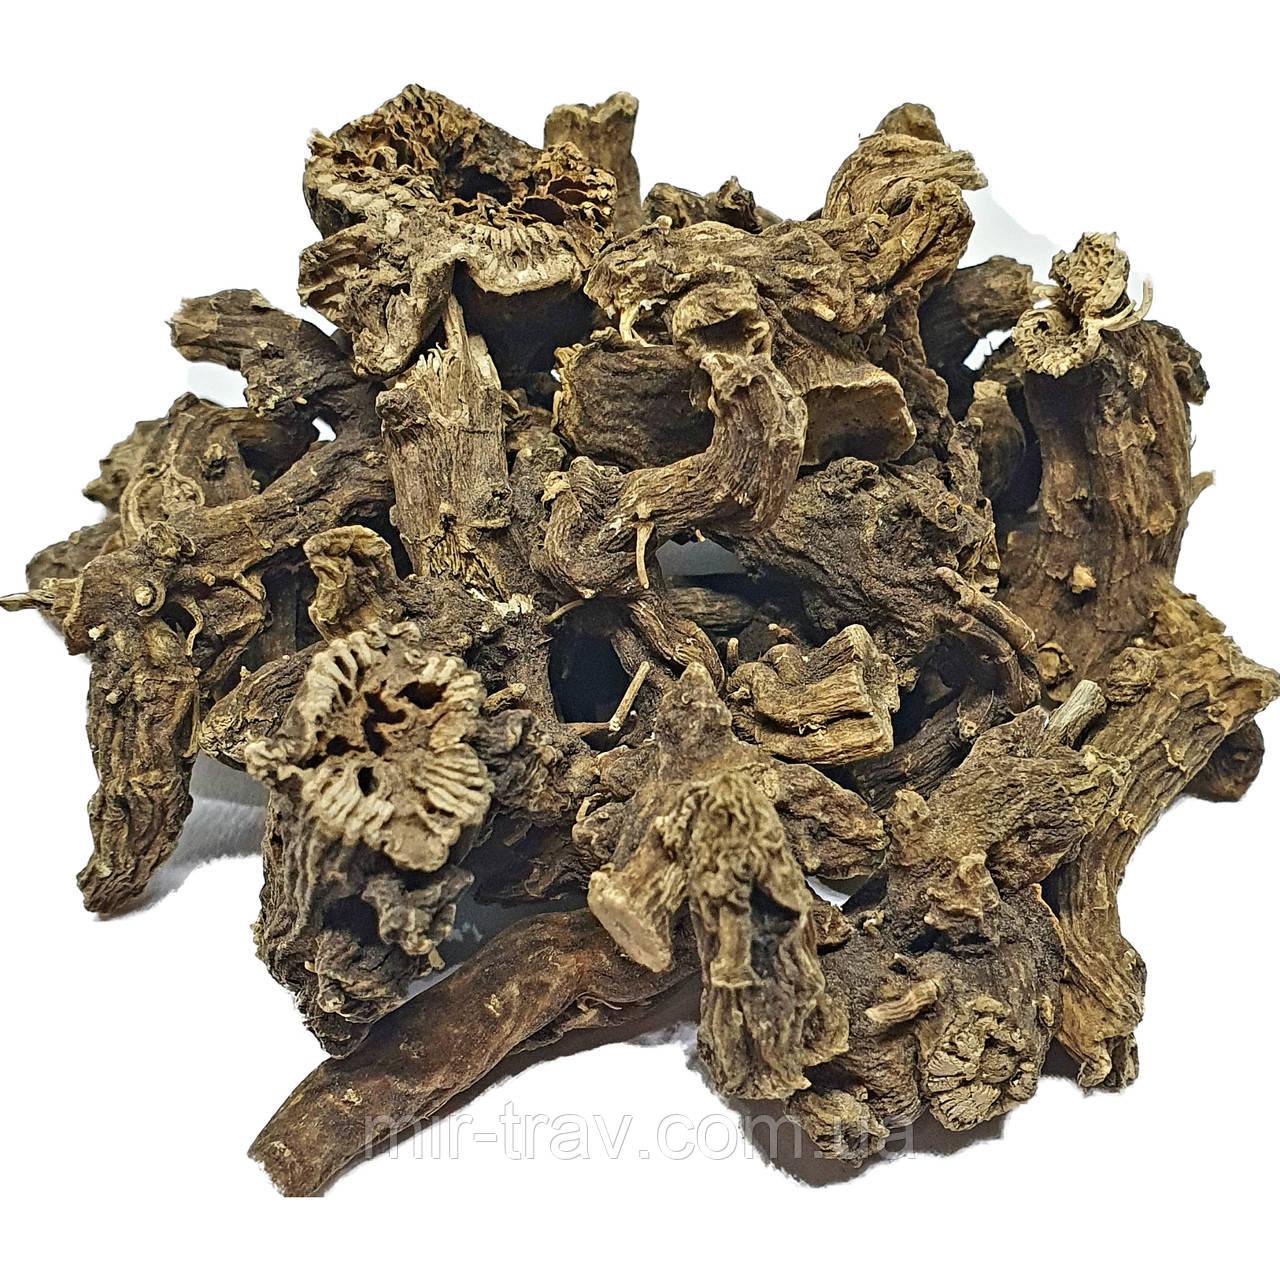 Норичник узловатый корень (шишковатый)